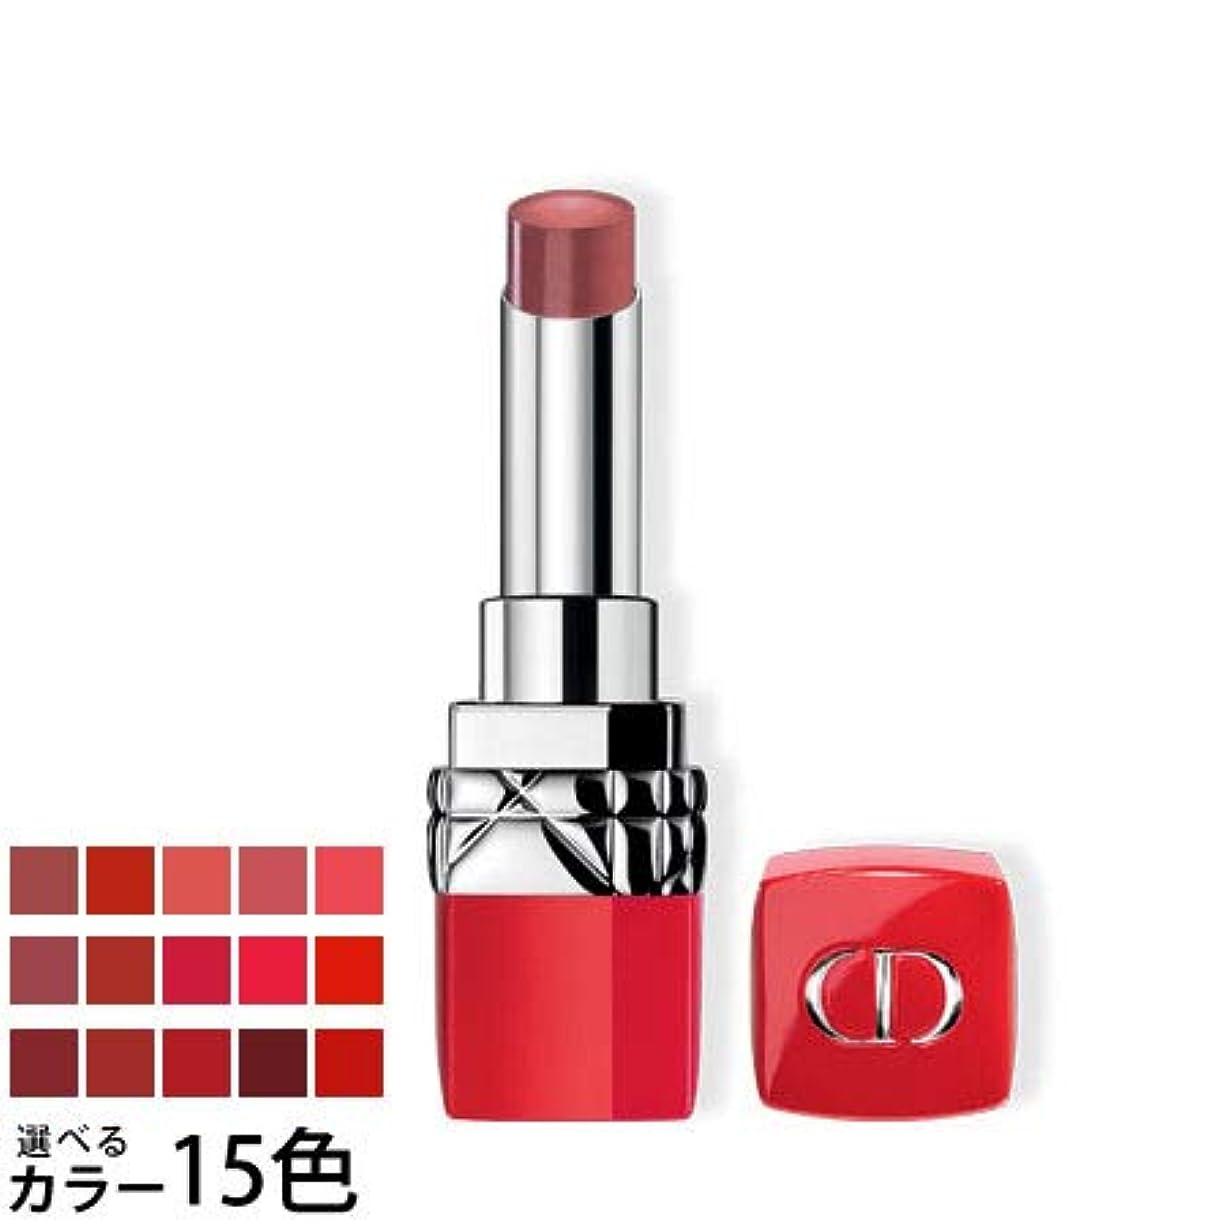 ドロー刺します立ち寄るディオール ルージュ ディオール ウルトラ ルージュ 選べる15色 -Dior- 763